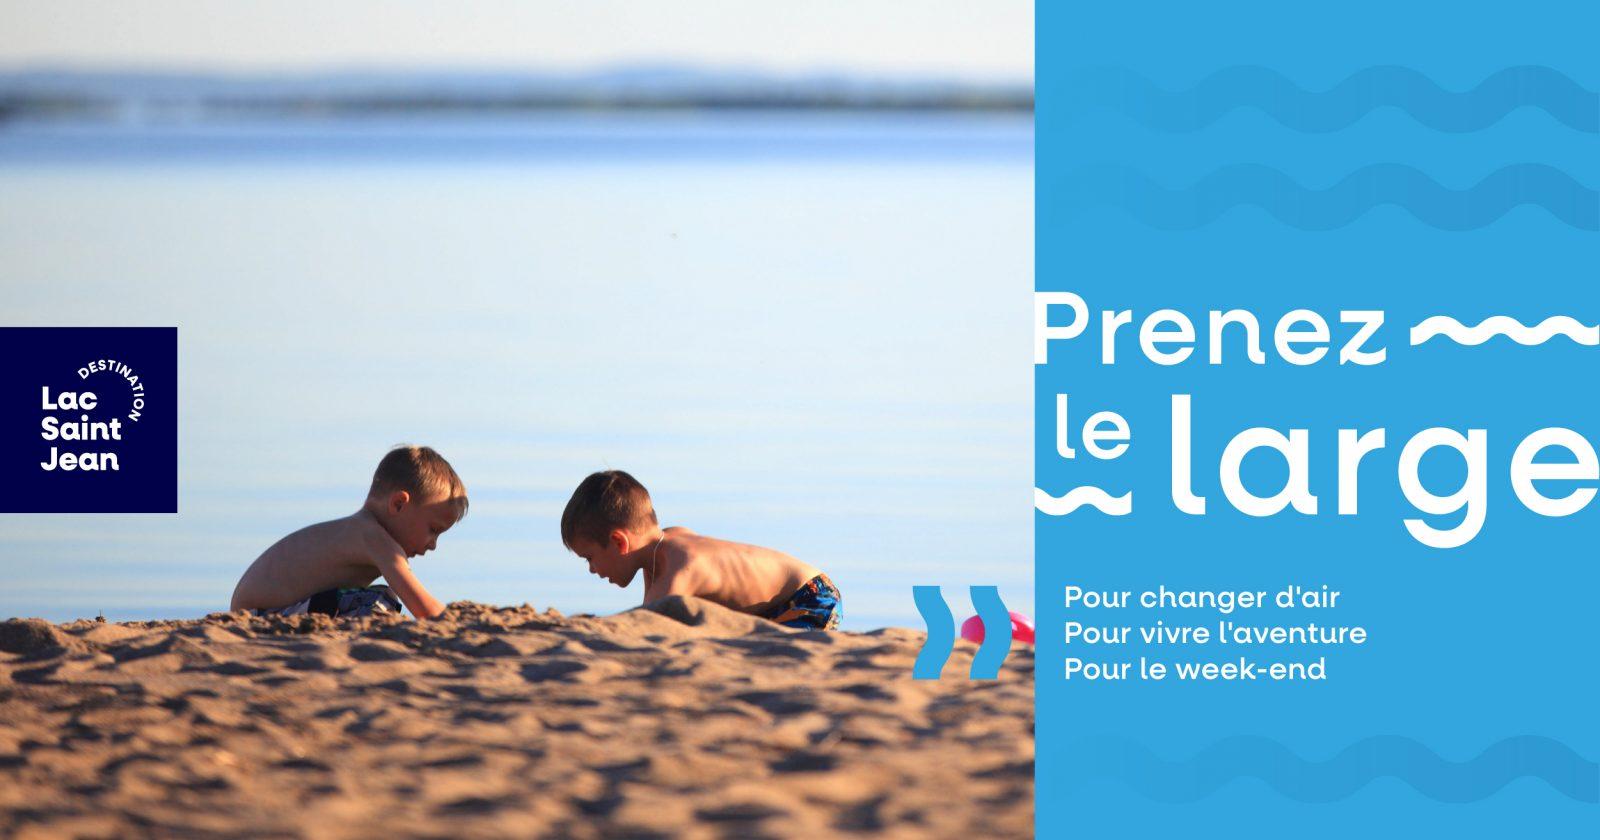 « Prenez le large » : Destination Lac-Saint-Jean lance sa nouvelle campagne